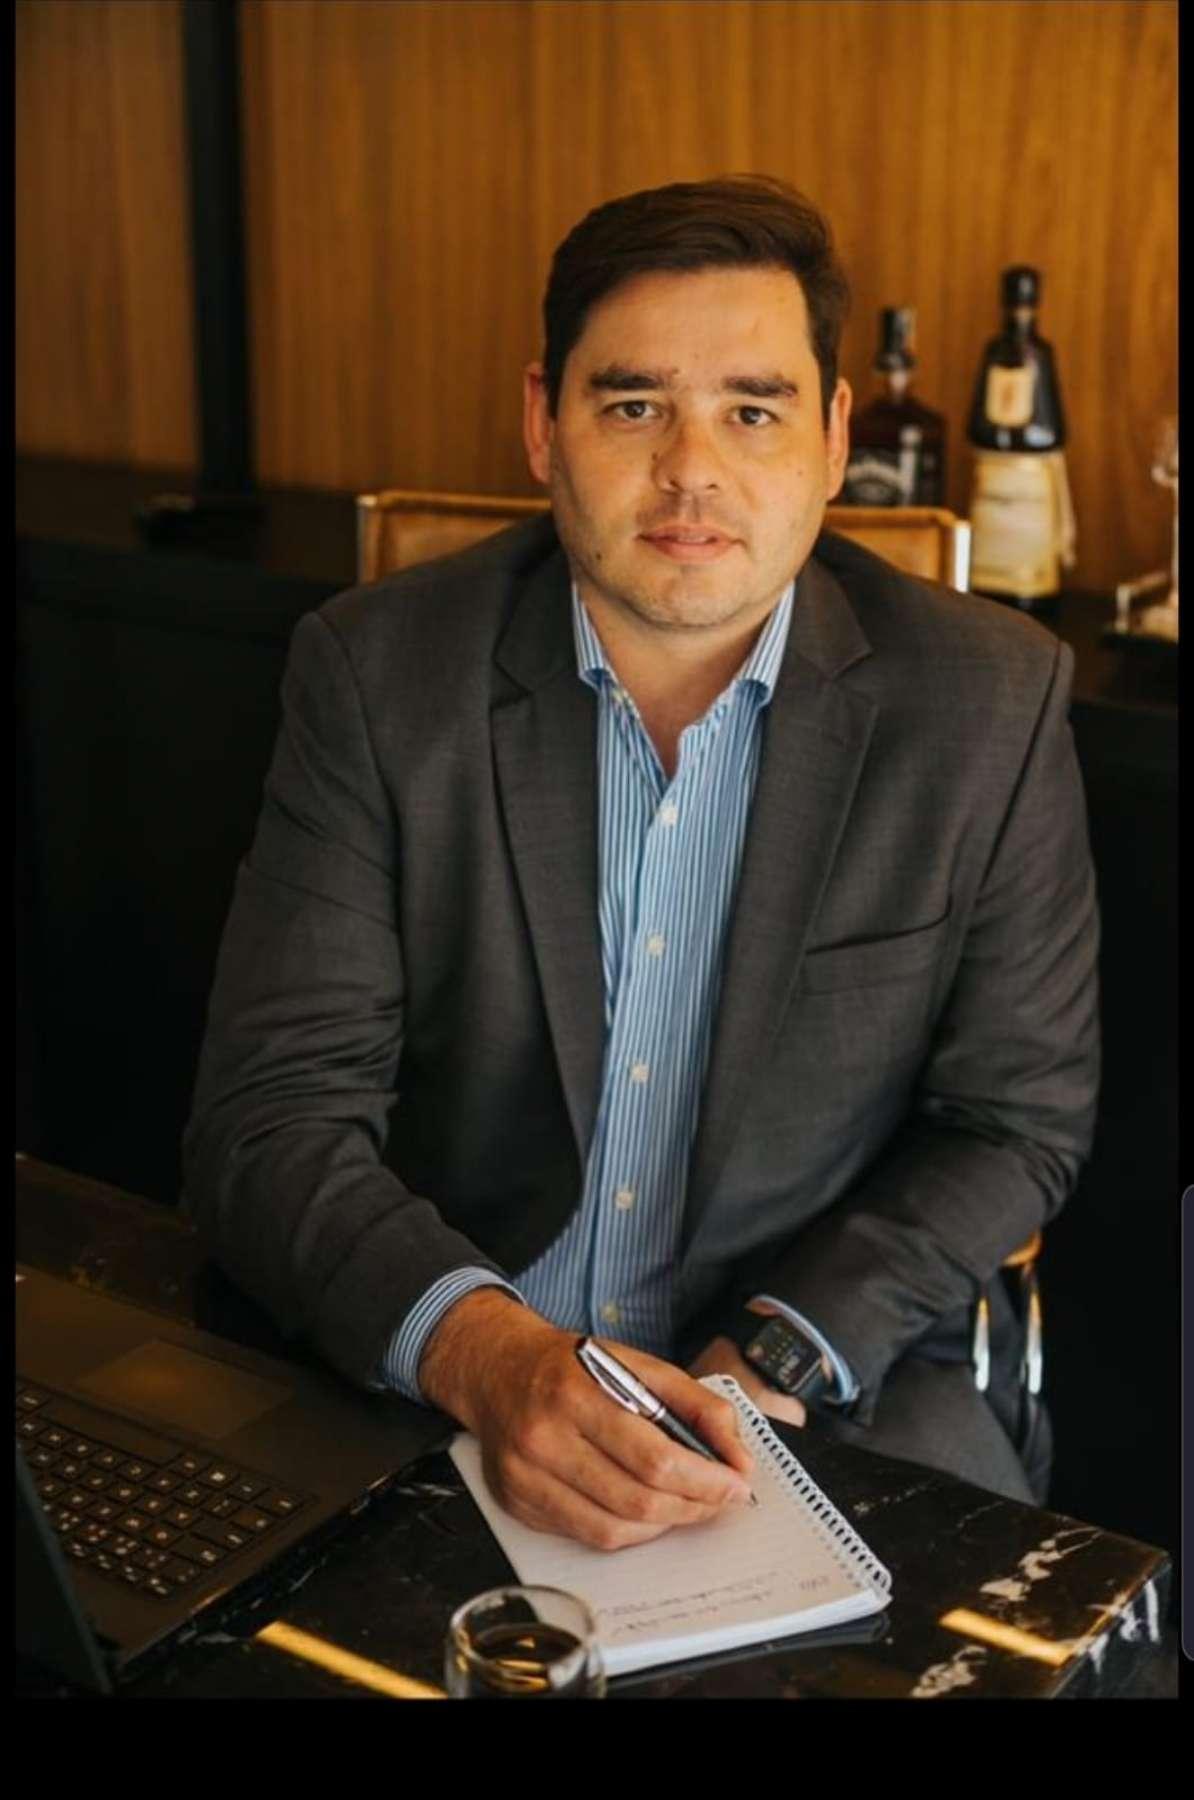 Marco Aurélio Vogt